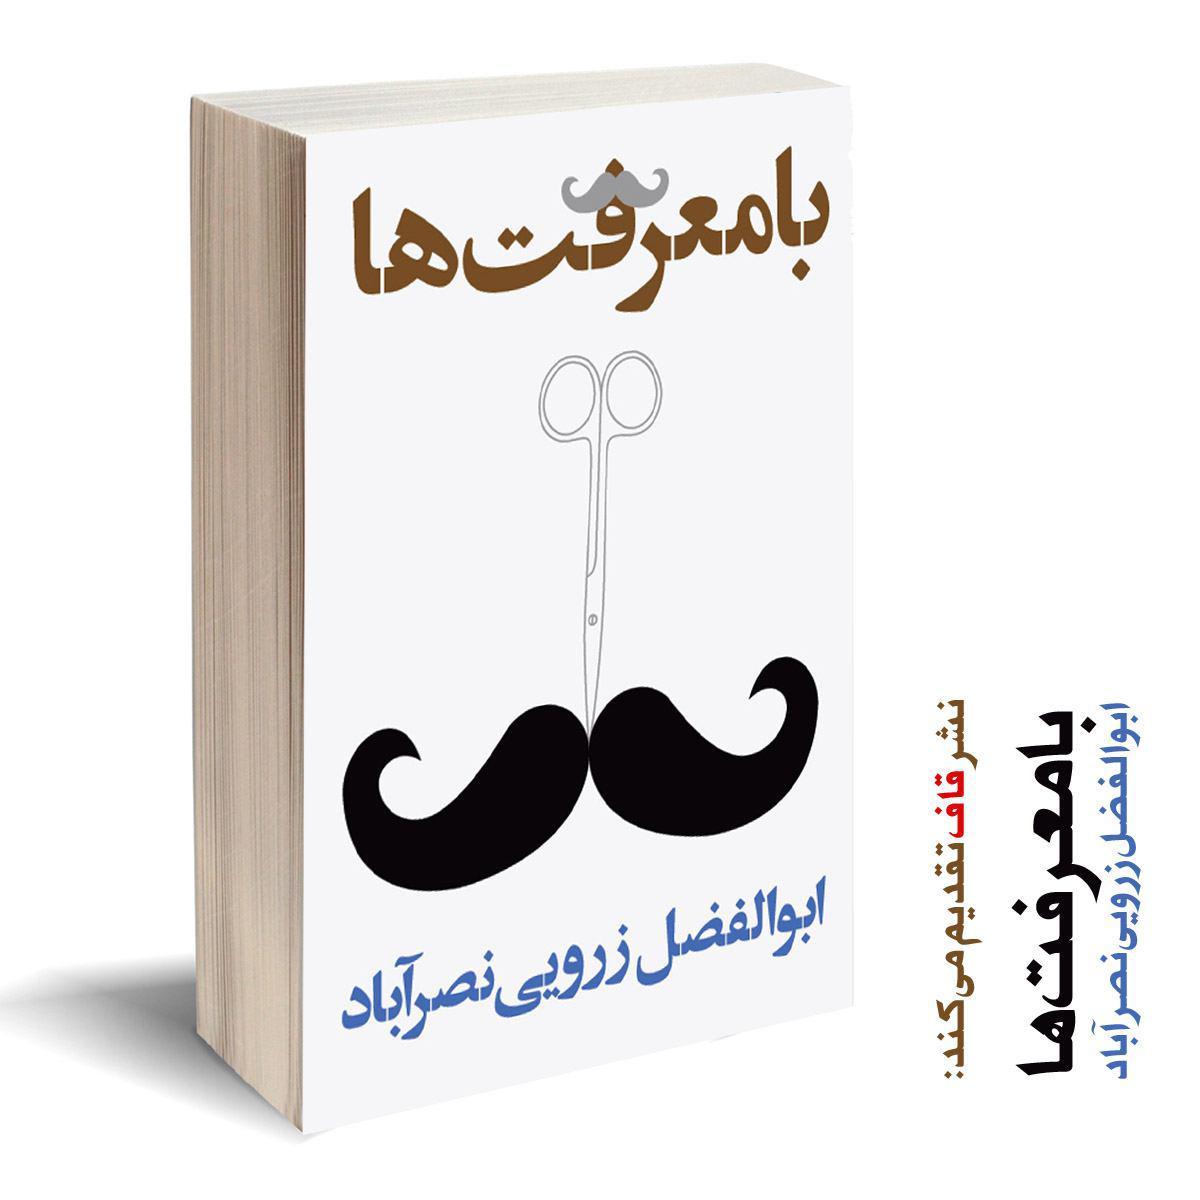 تازههای نشر قاف در نمایشگاه کتاب تهران